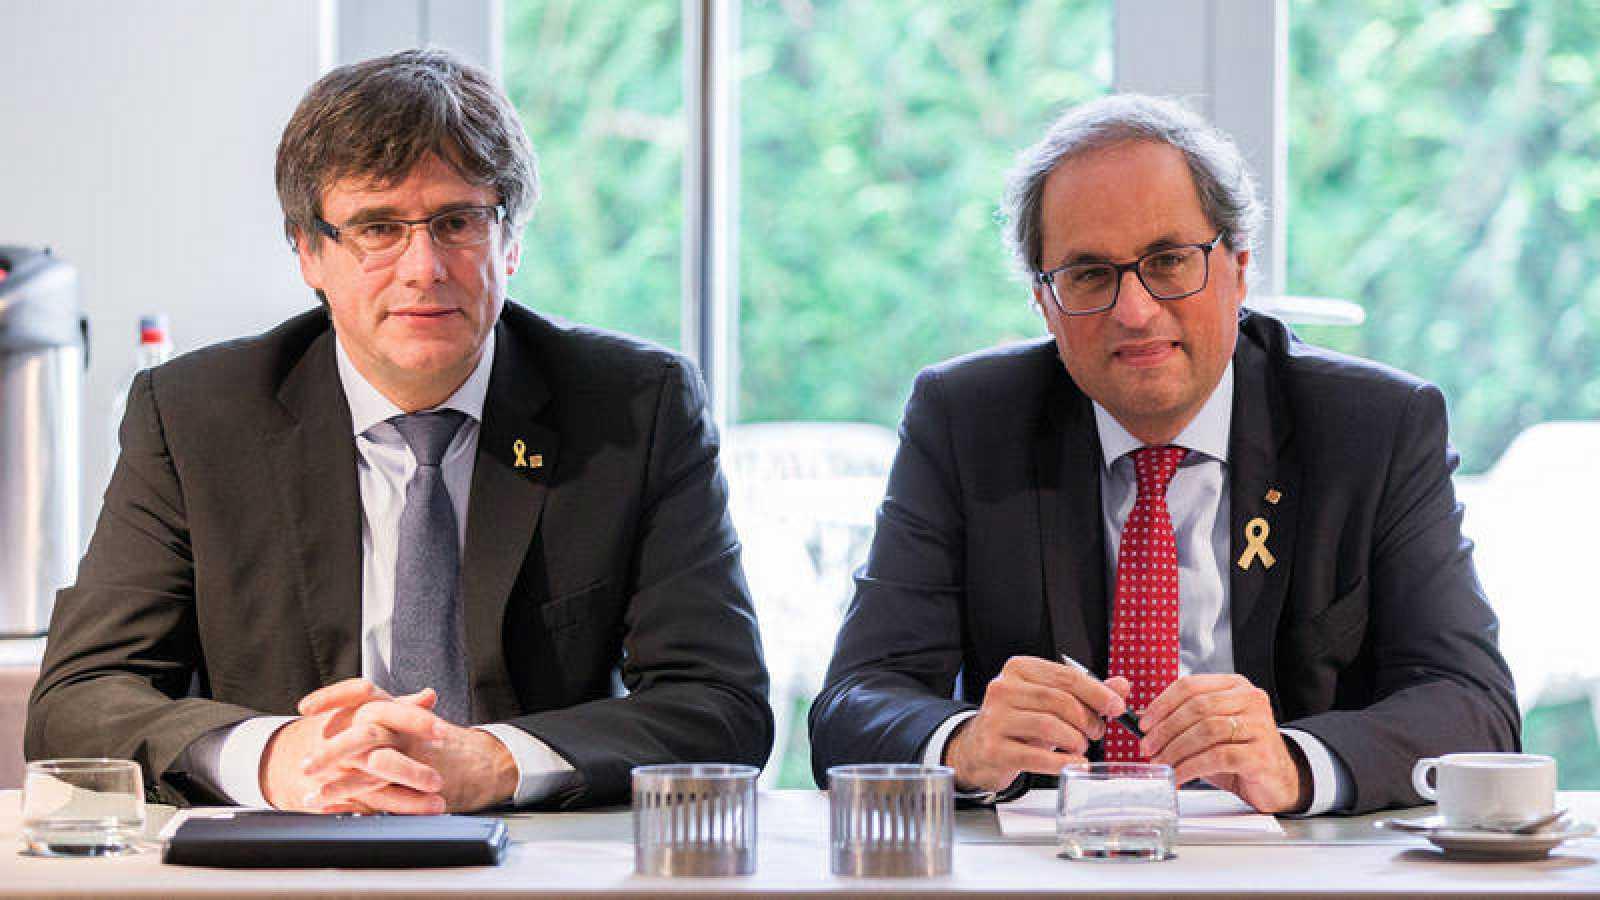 El presidente de la Generalitat, Quim Torra posa junto al expresidente catalán Carles Puigdemont, durante una reunión en Waterllo, Bélgica